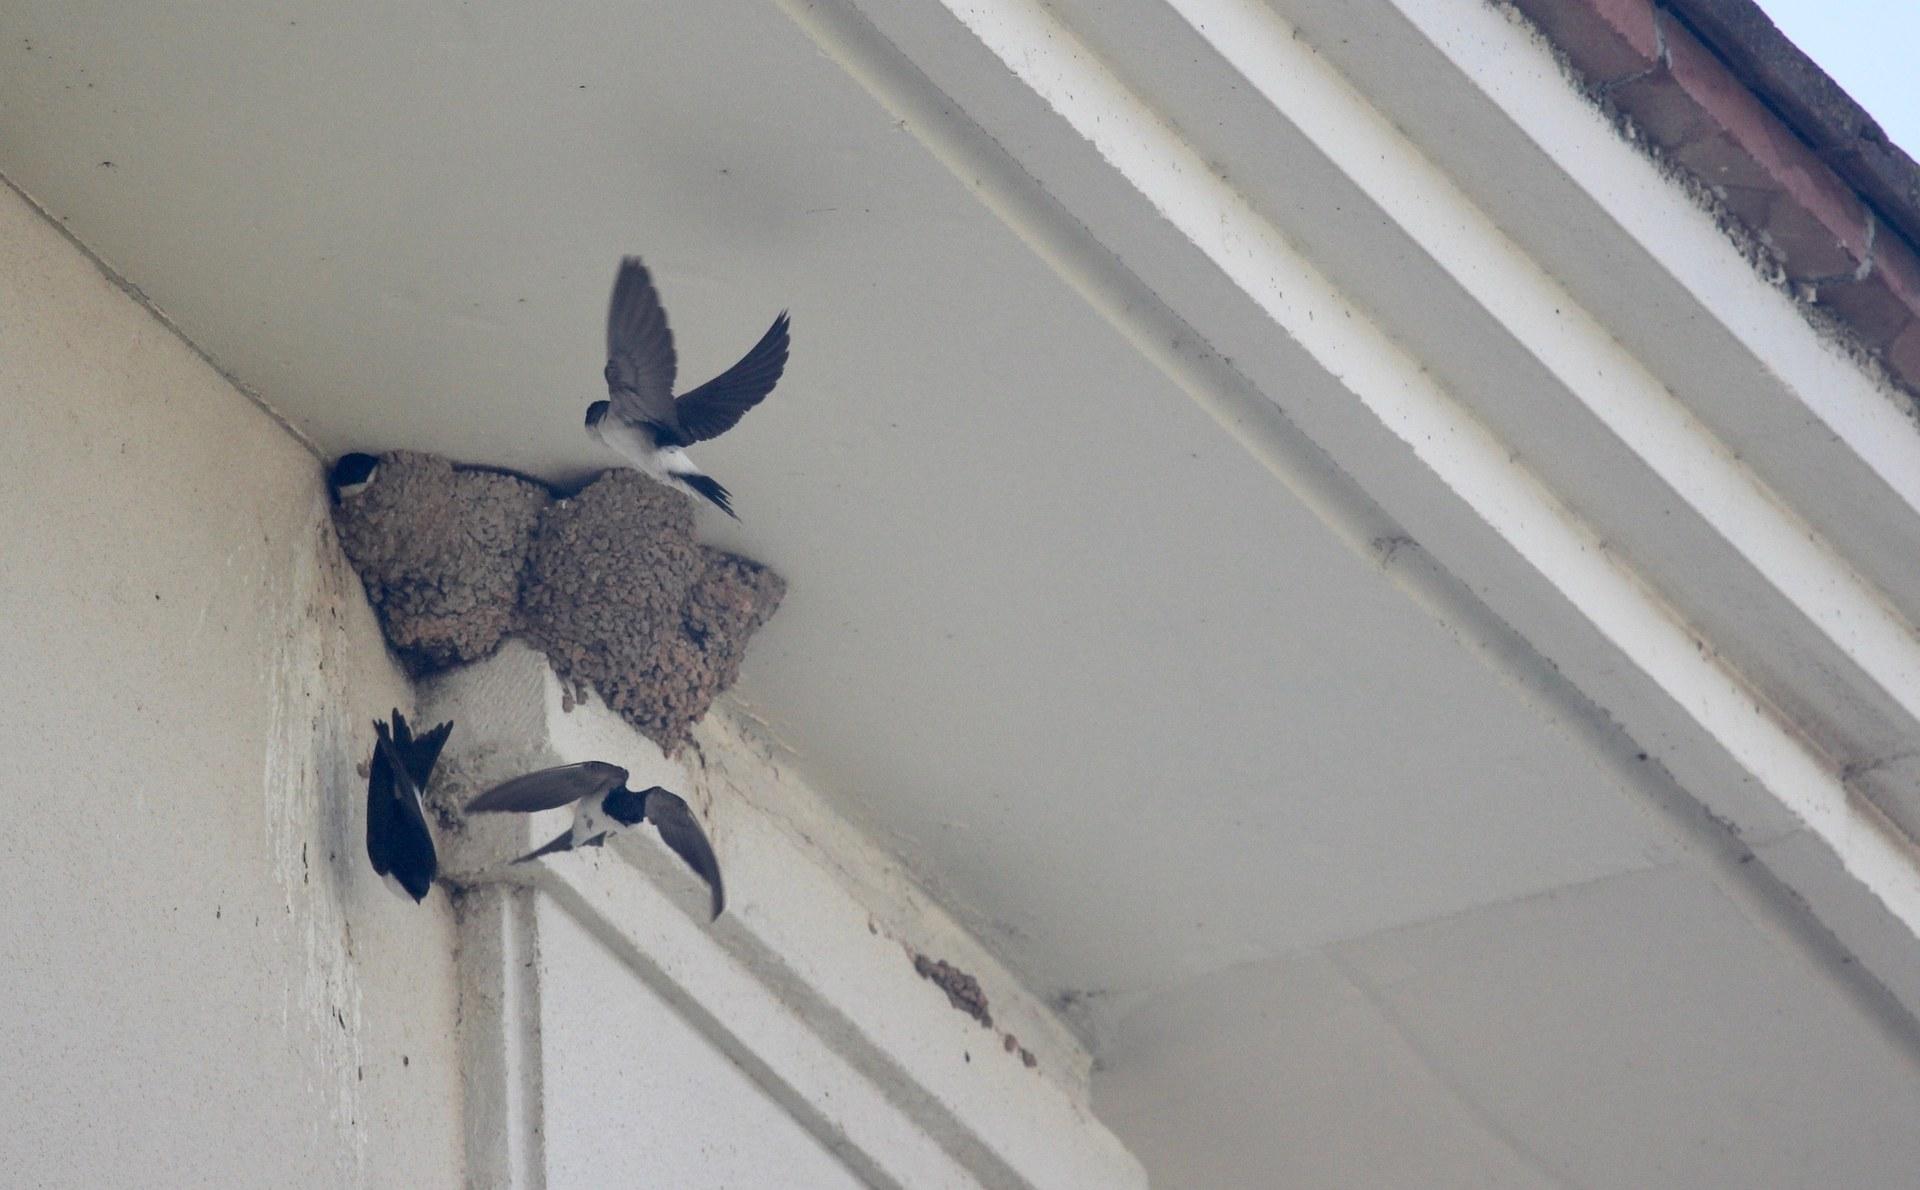 Niu d'orenetes a Sitges. Imatge: Biodiversitat Sitges